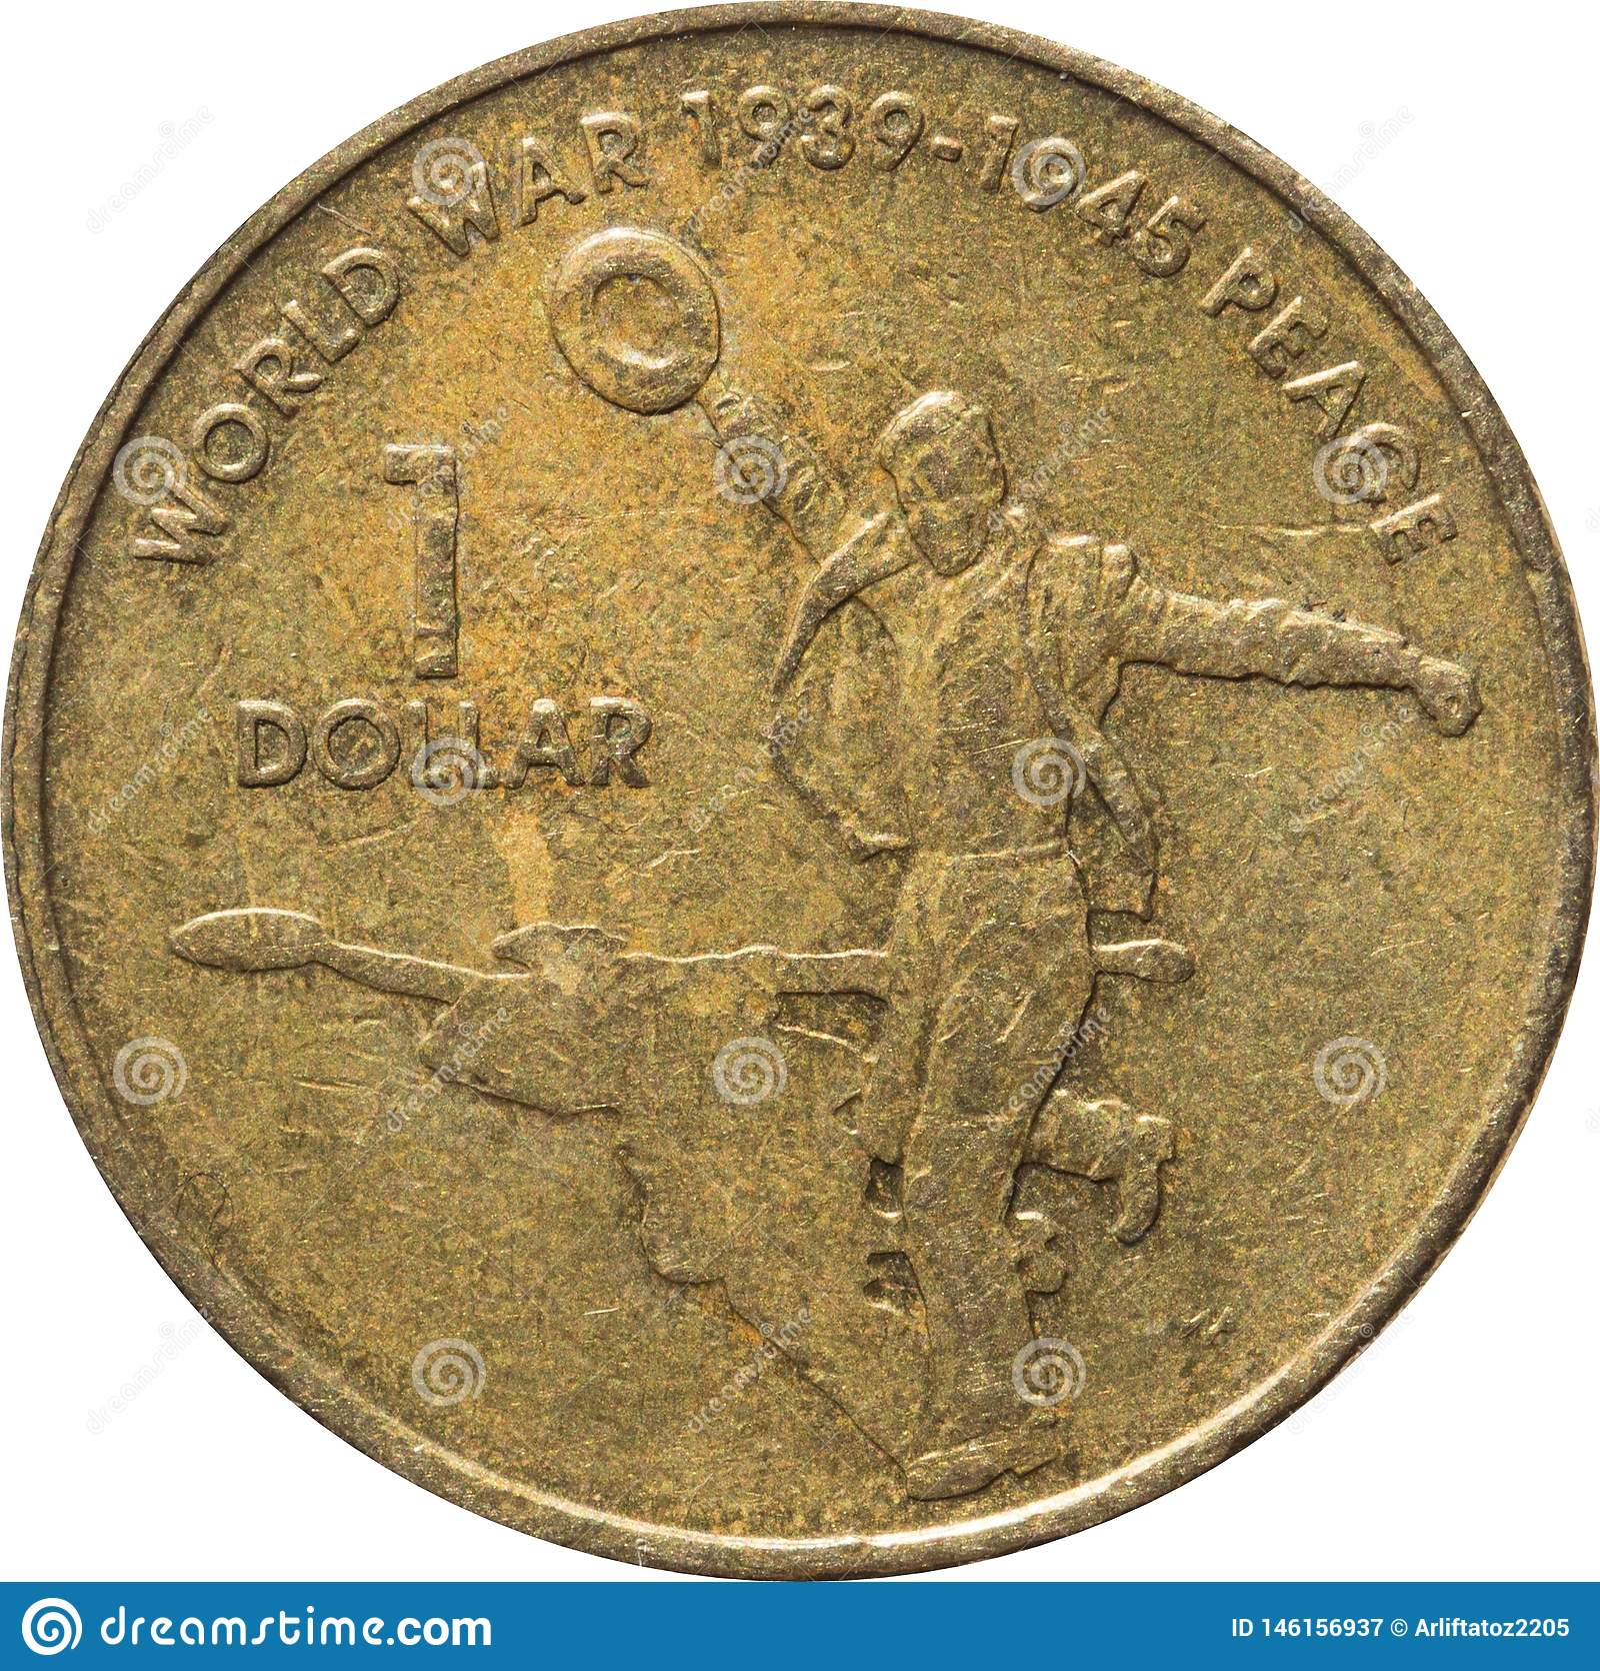 A uma moeda de cobre australiana do d?lar que comemora o 60th anivers?rio da extremidade da guerra mundial 2, ano 2005